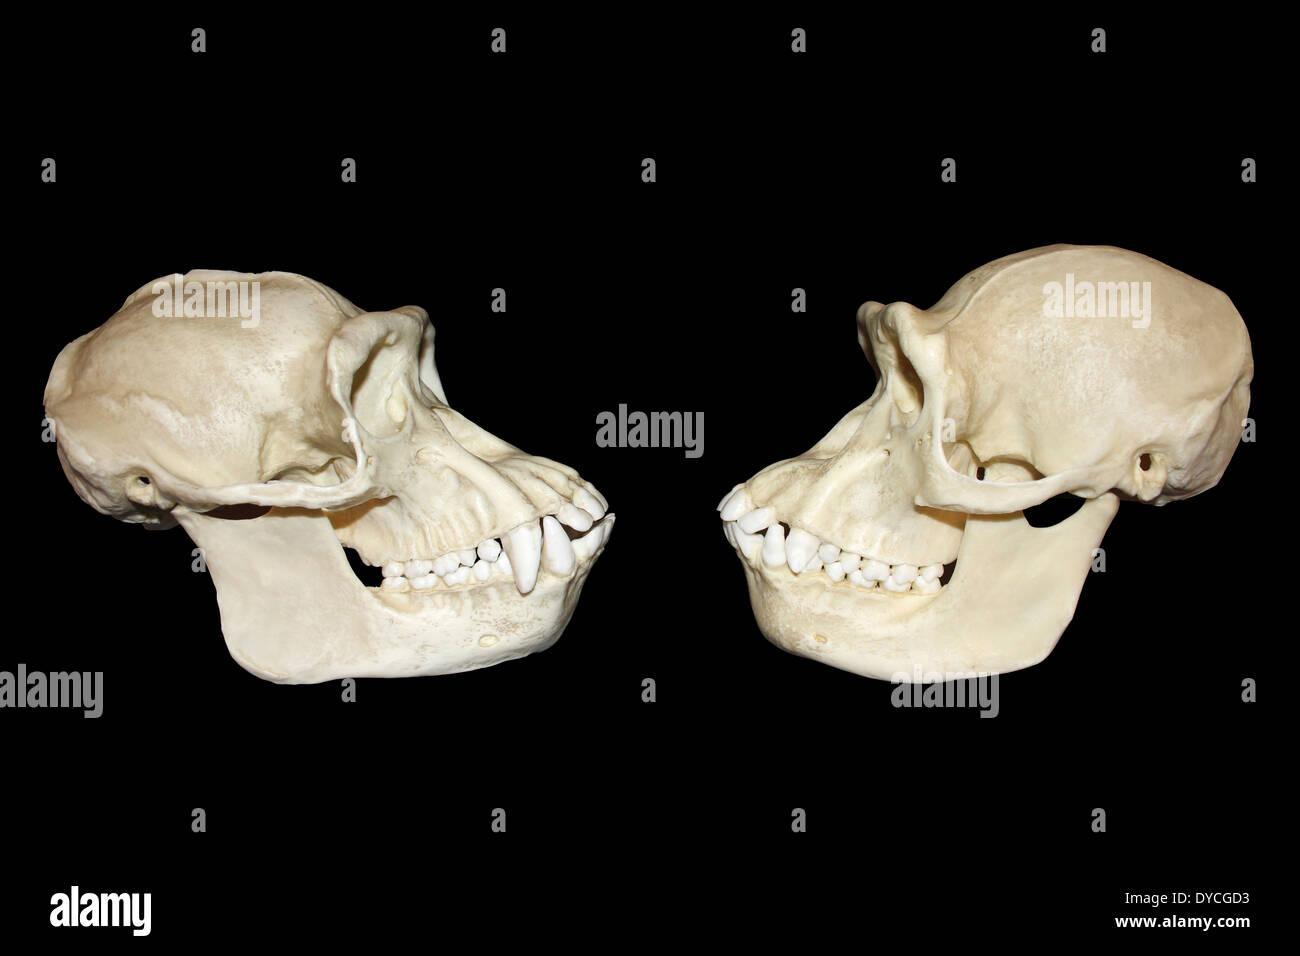 Vista laterale il confronto tra maschio e femmina teschi scimpanzé Immagini Stock